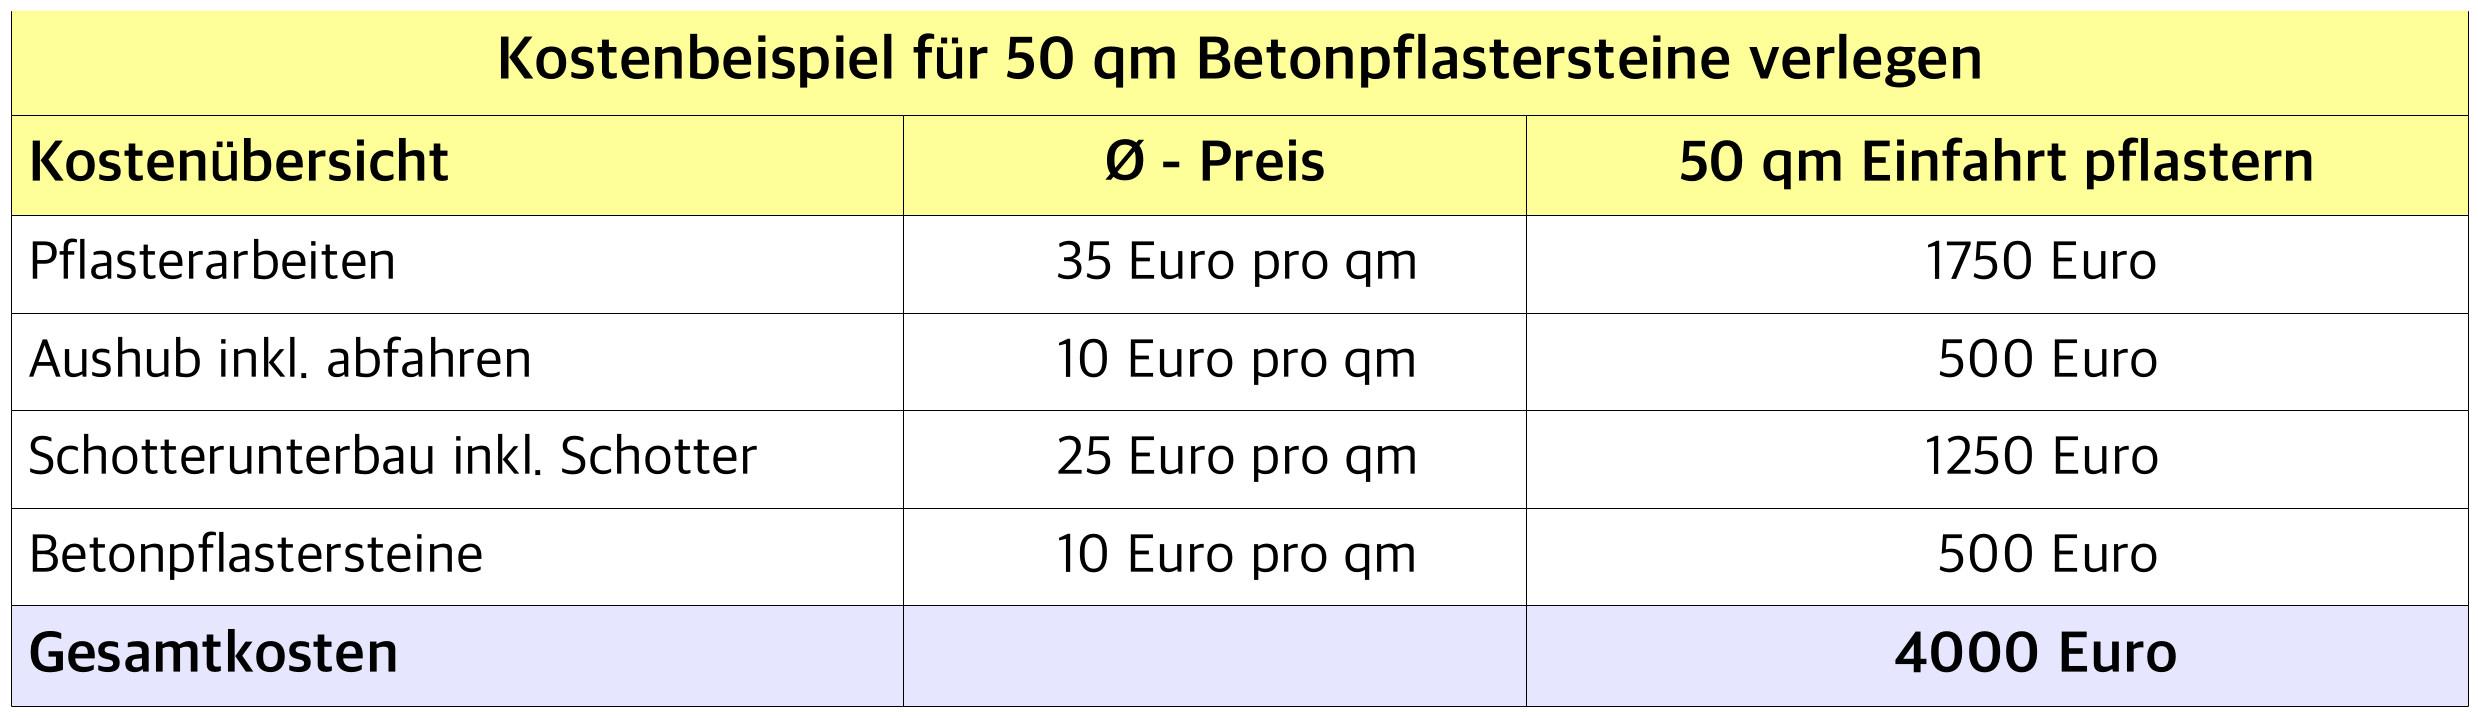 """""""Die Pflastern Kosten pro Quadratmeter können sehr variieren, je nach Region und Qualifikation des Pflasterers. Beliebt sind Pflastersteine vor allem für die Terrasse und die Einfahrt."""